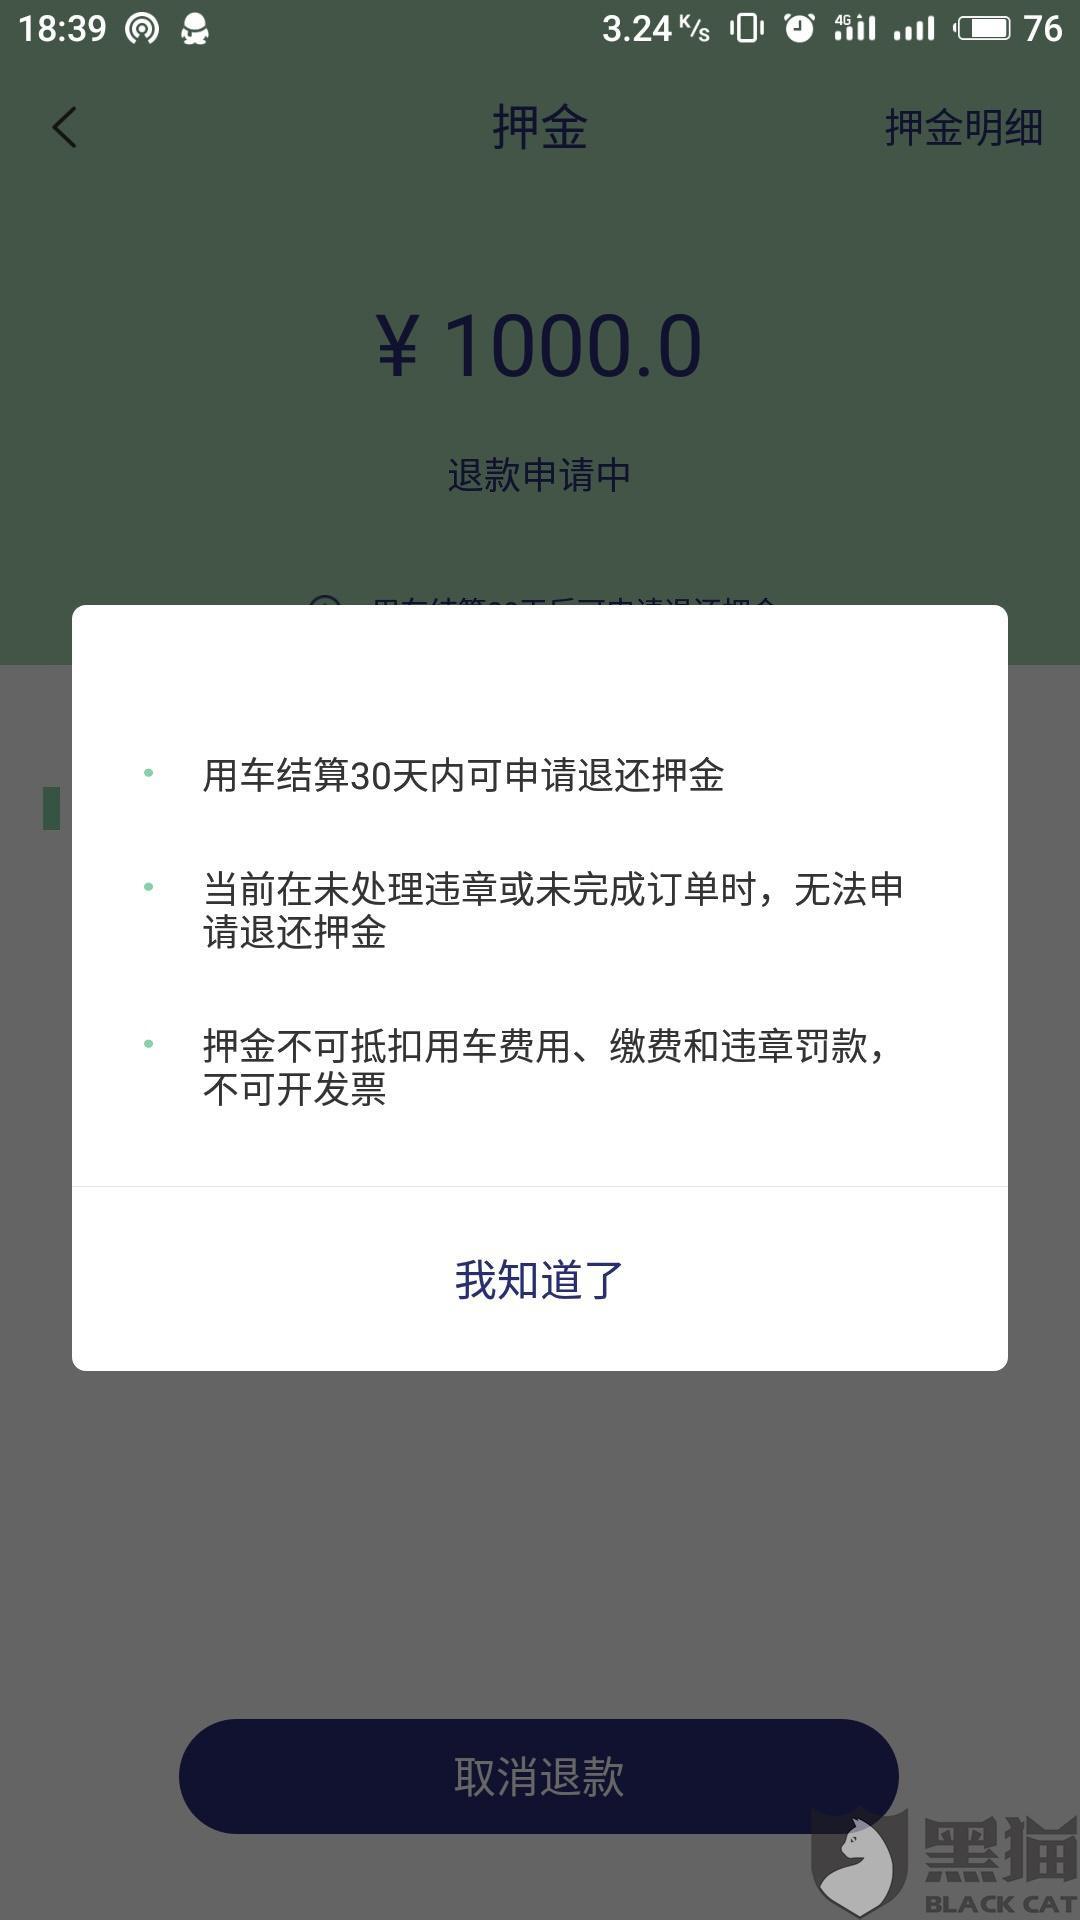 黑猫投诉:重庆盼达汽车租赁有限公司,法定代表:尹明善,退押金退了两月还没退